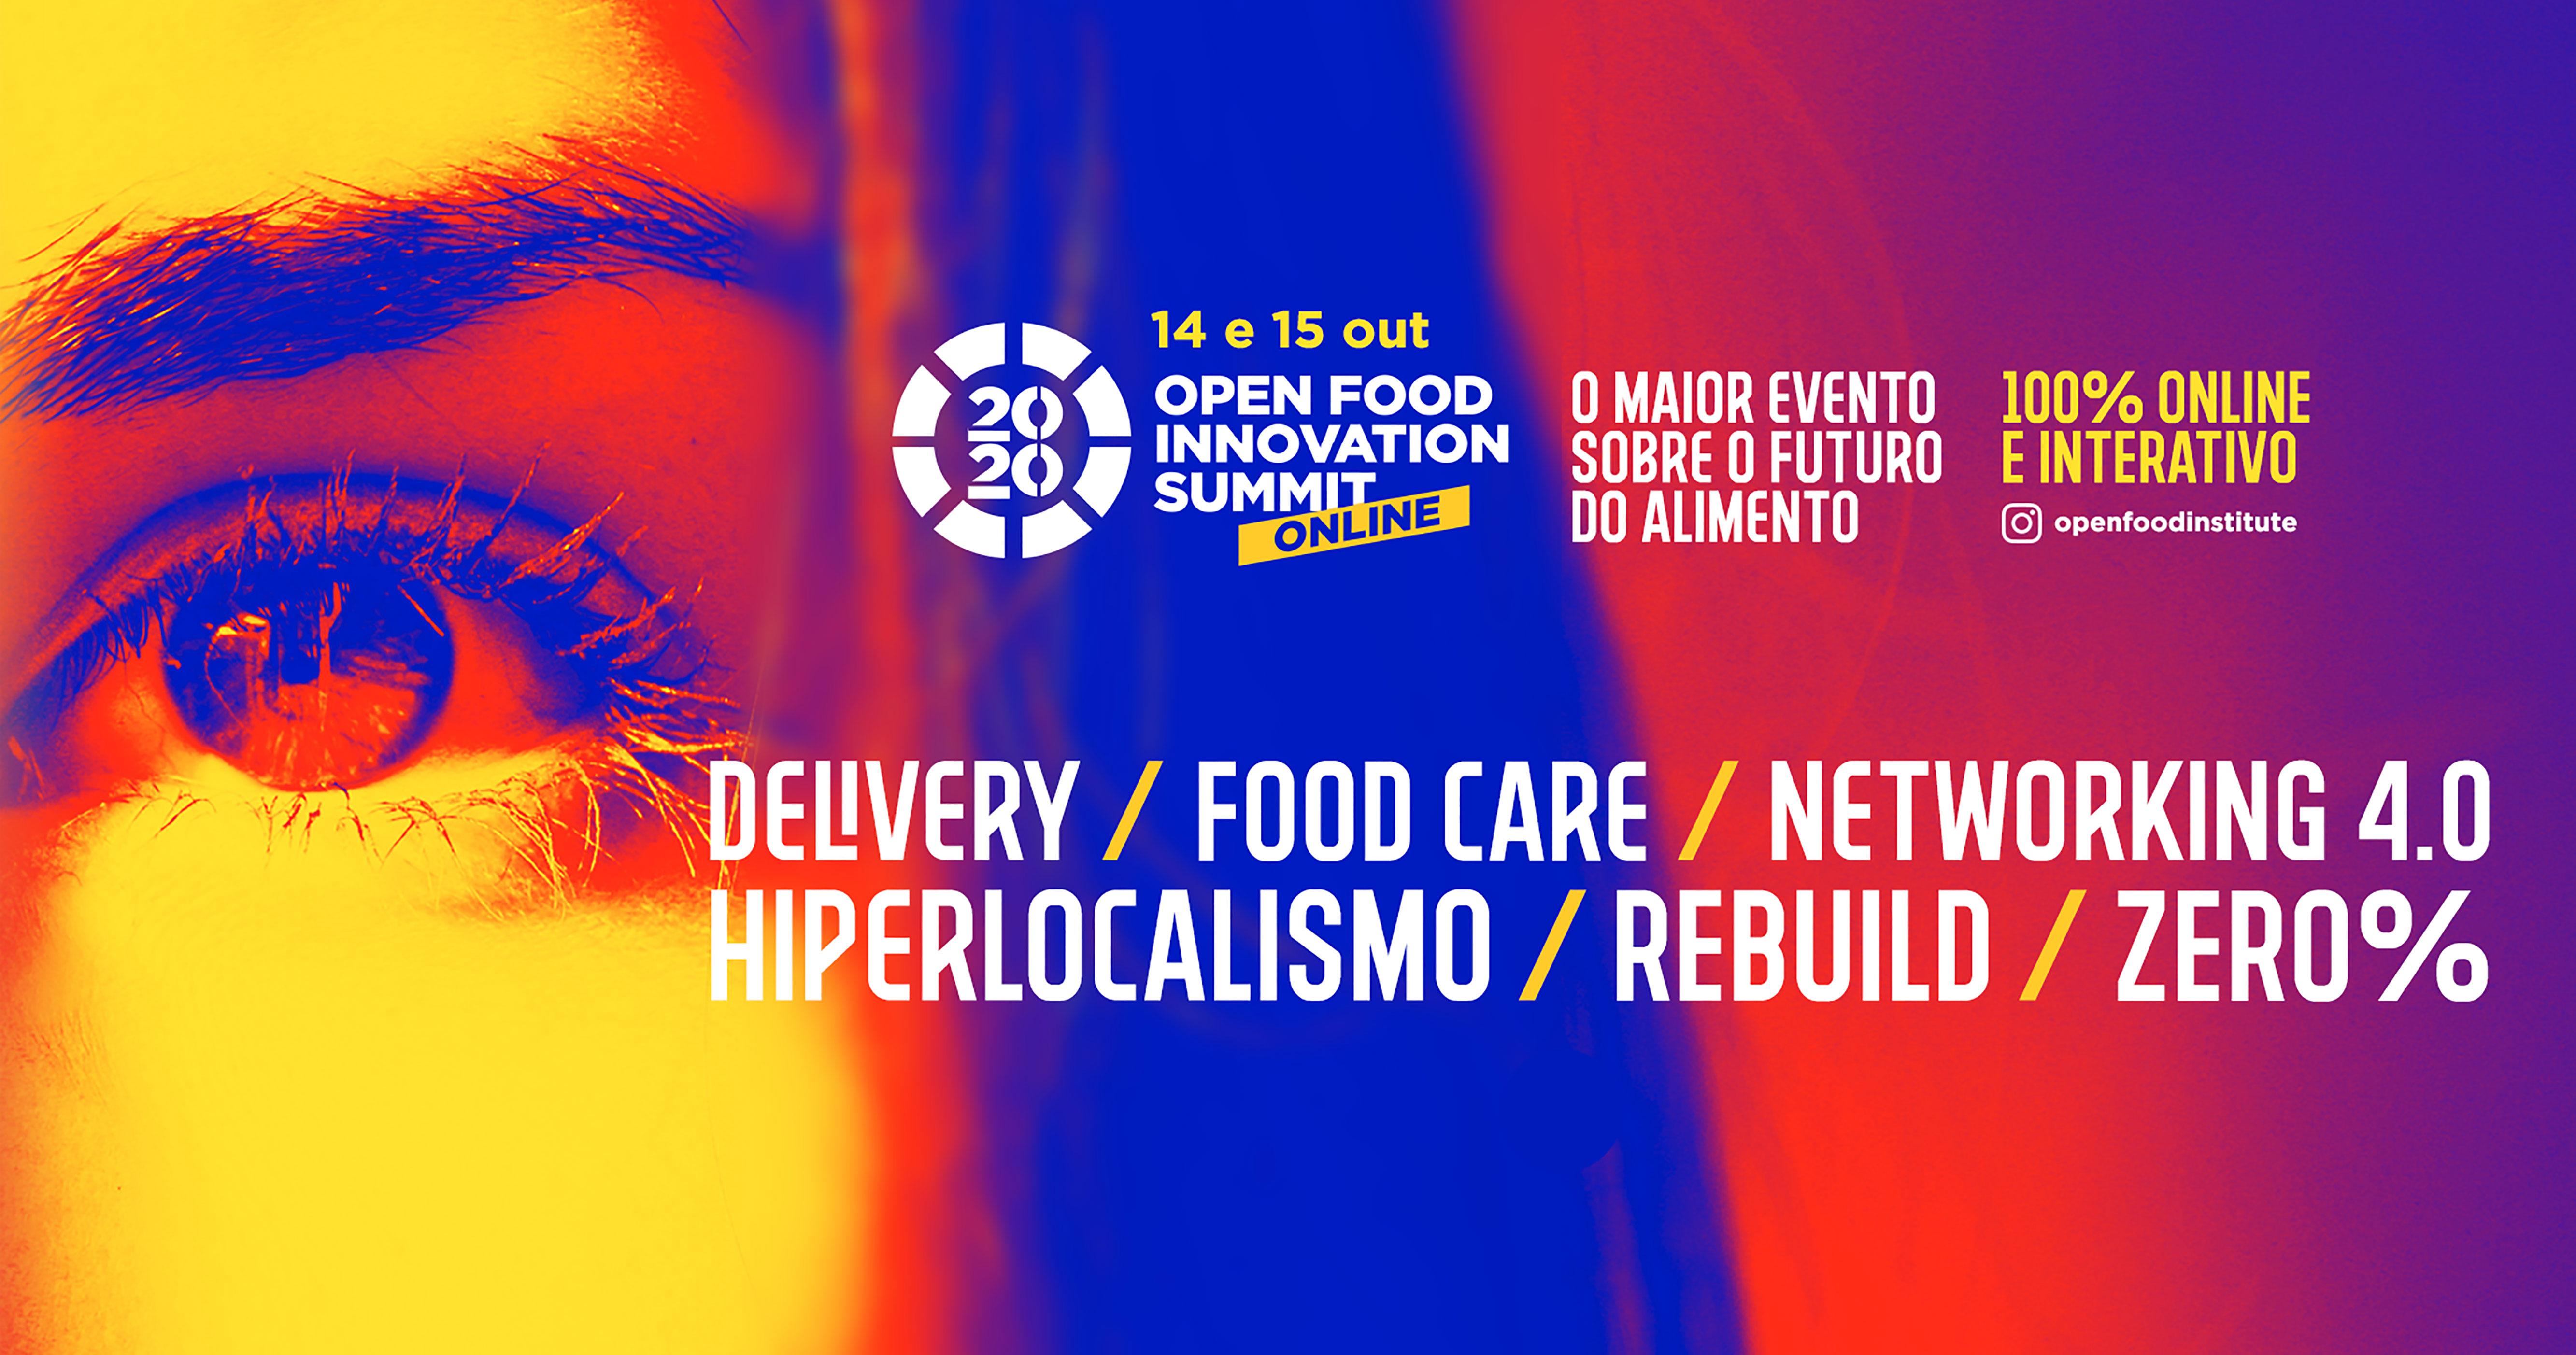 Open Food Innovation Summit será realizado em formato 100% digital e interativo Eventos BaresSP 570x300 imagem